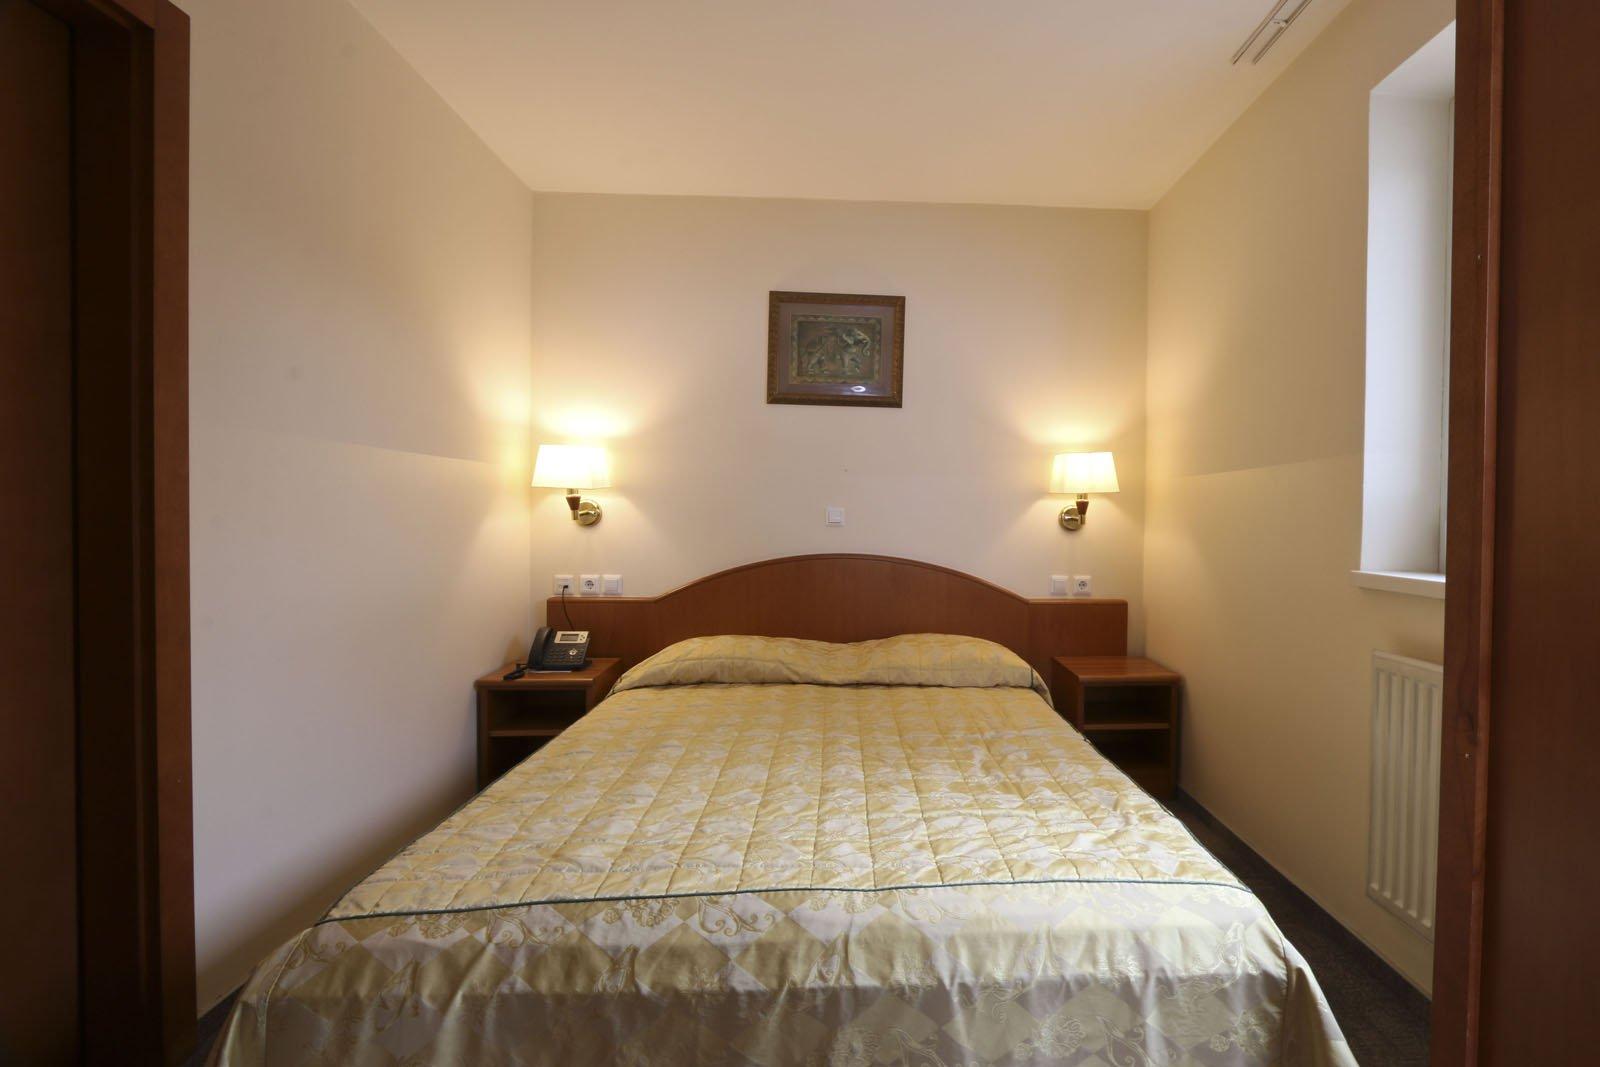 Mantova_hotelIMG_6702